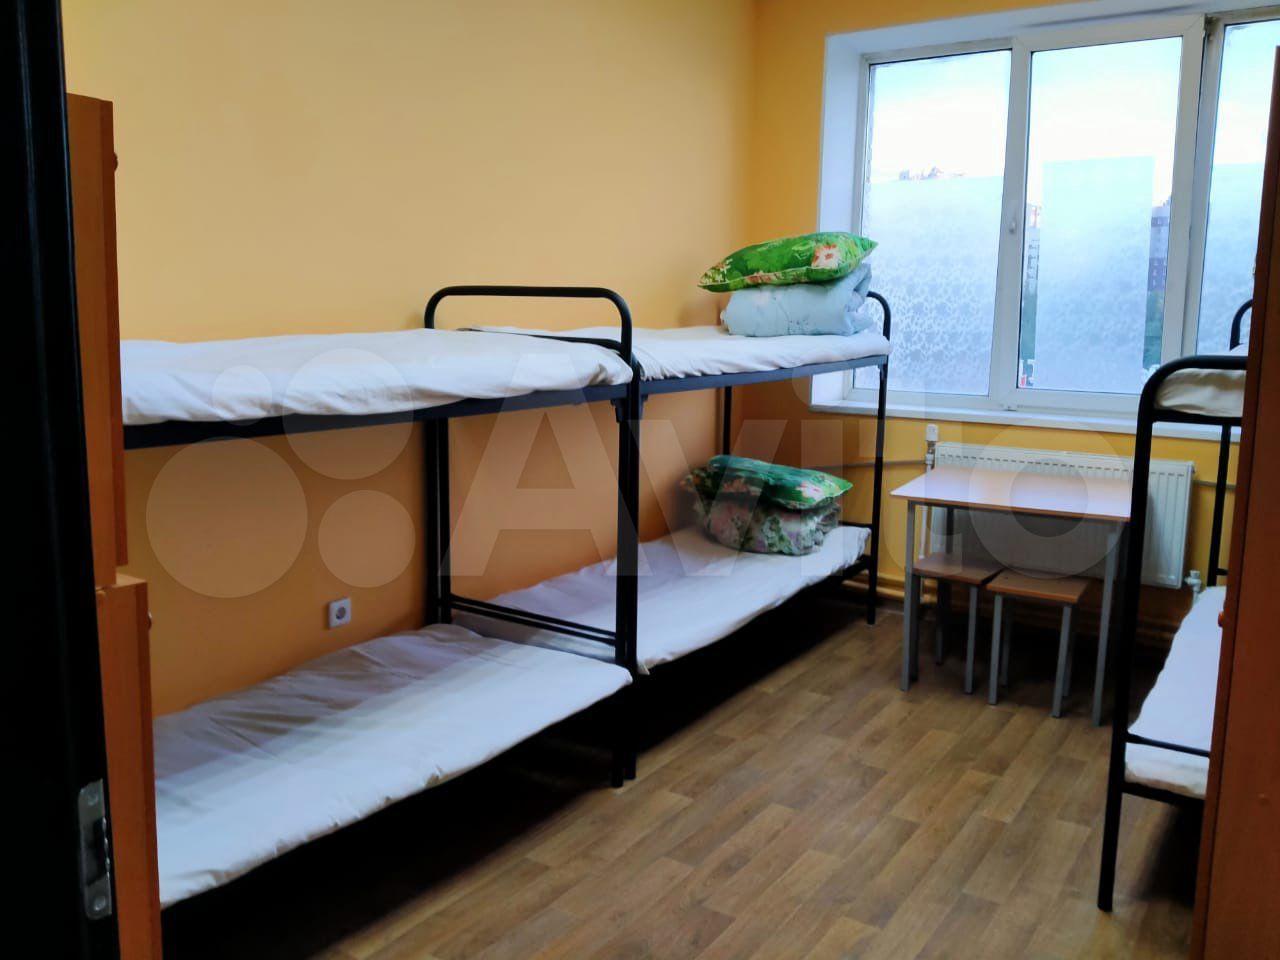 9-к, 2/2 эт. в Санкт-Петербурге> Комната 20 м² в > 9-к, 2/2 эт.